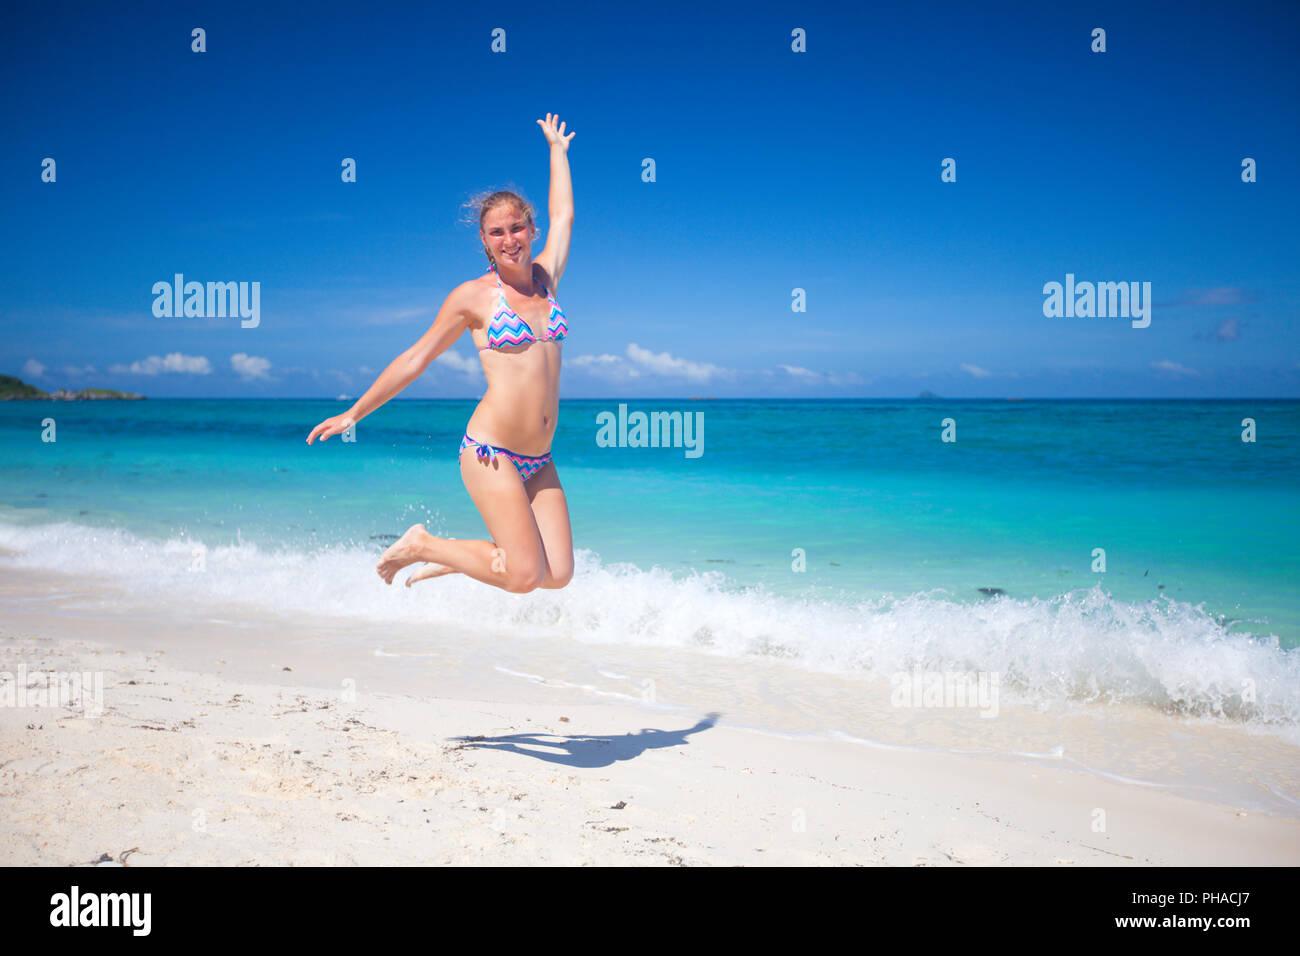 Happy girl in bikini jumping on beach - Stock Image